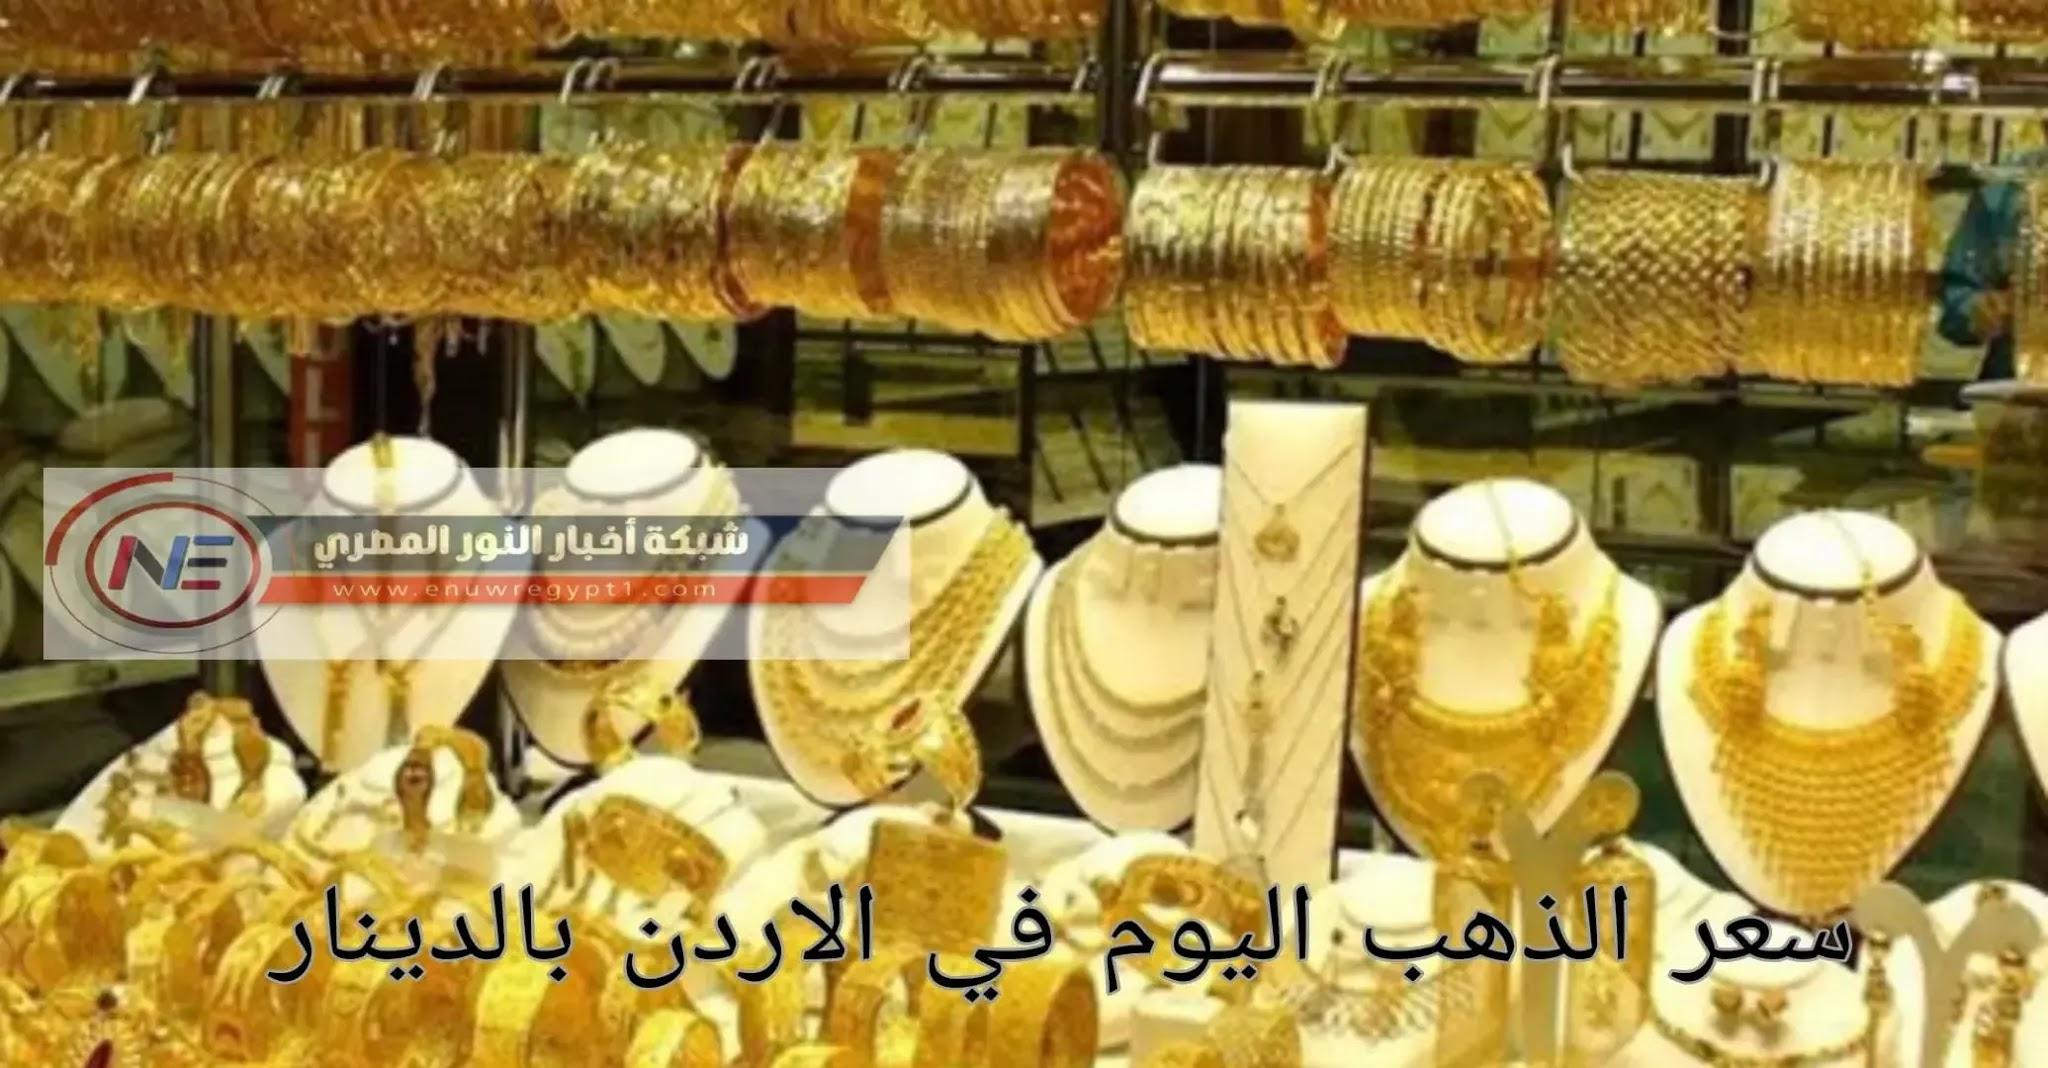 السعر اليومي.. اسعار الذهب اليوم في الأردن الخميس 08-04-2021 | سعر جرام الذهب اليوم السوق الاردني بالدينار والدولار الأمريكي